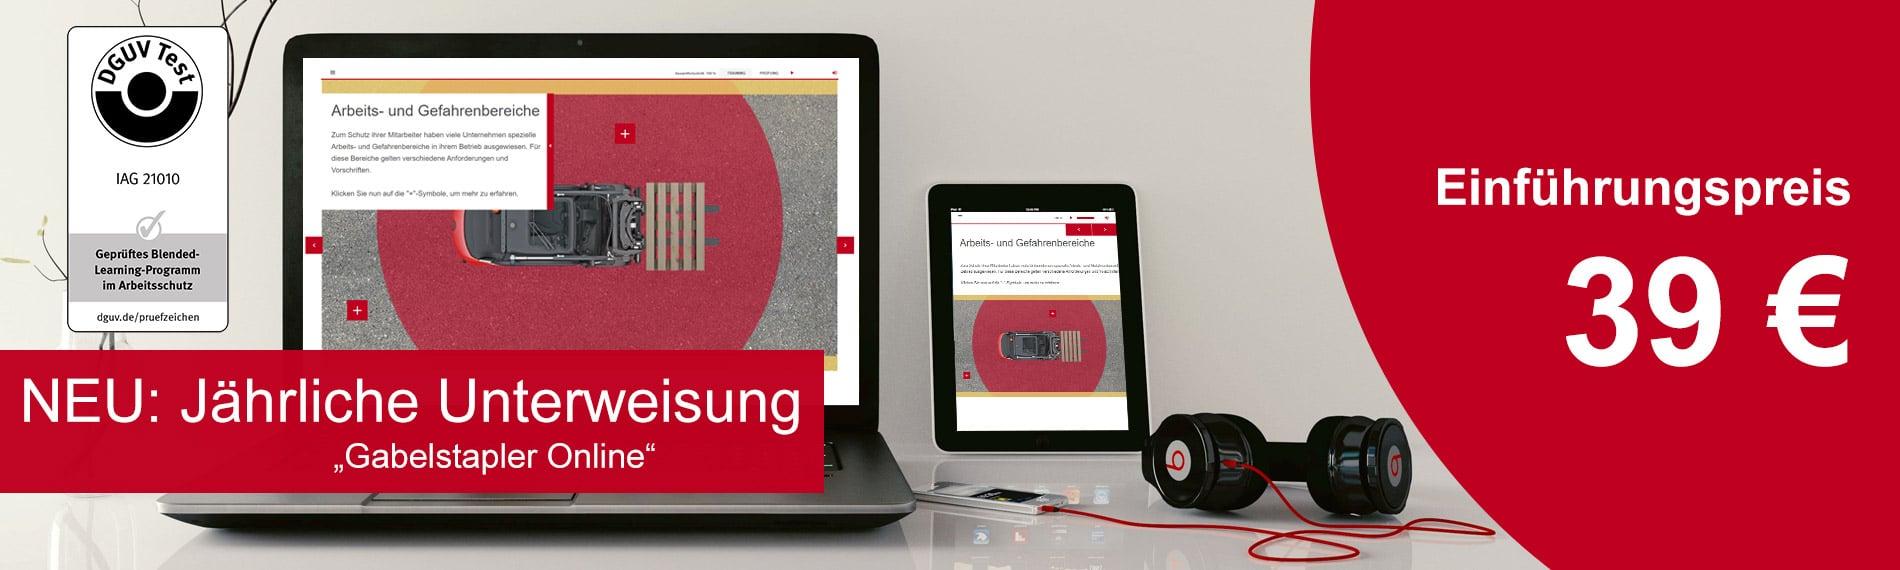 header desktop jaehrliche unterweisung gabelstapler online machen mit zertifizierung 1